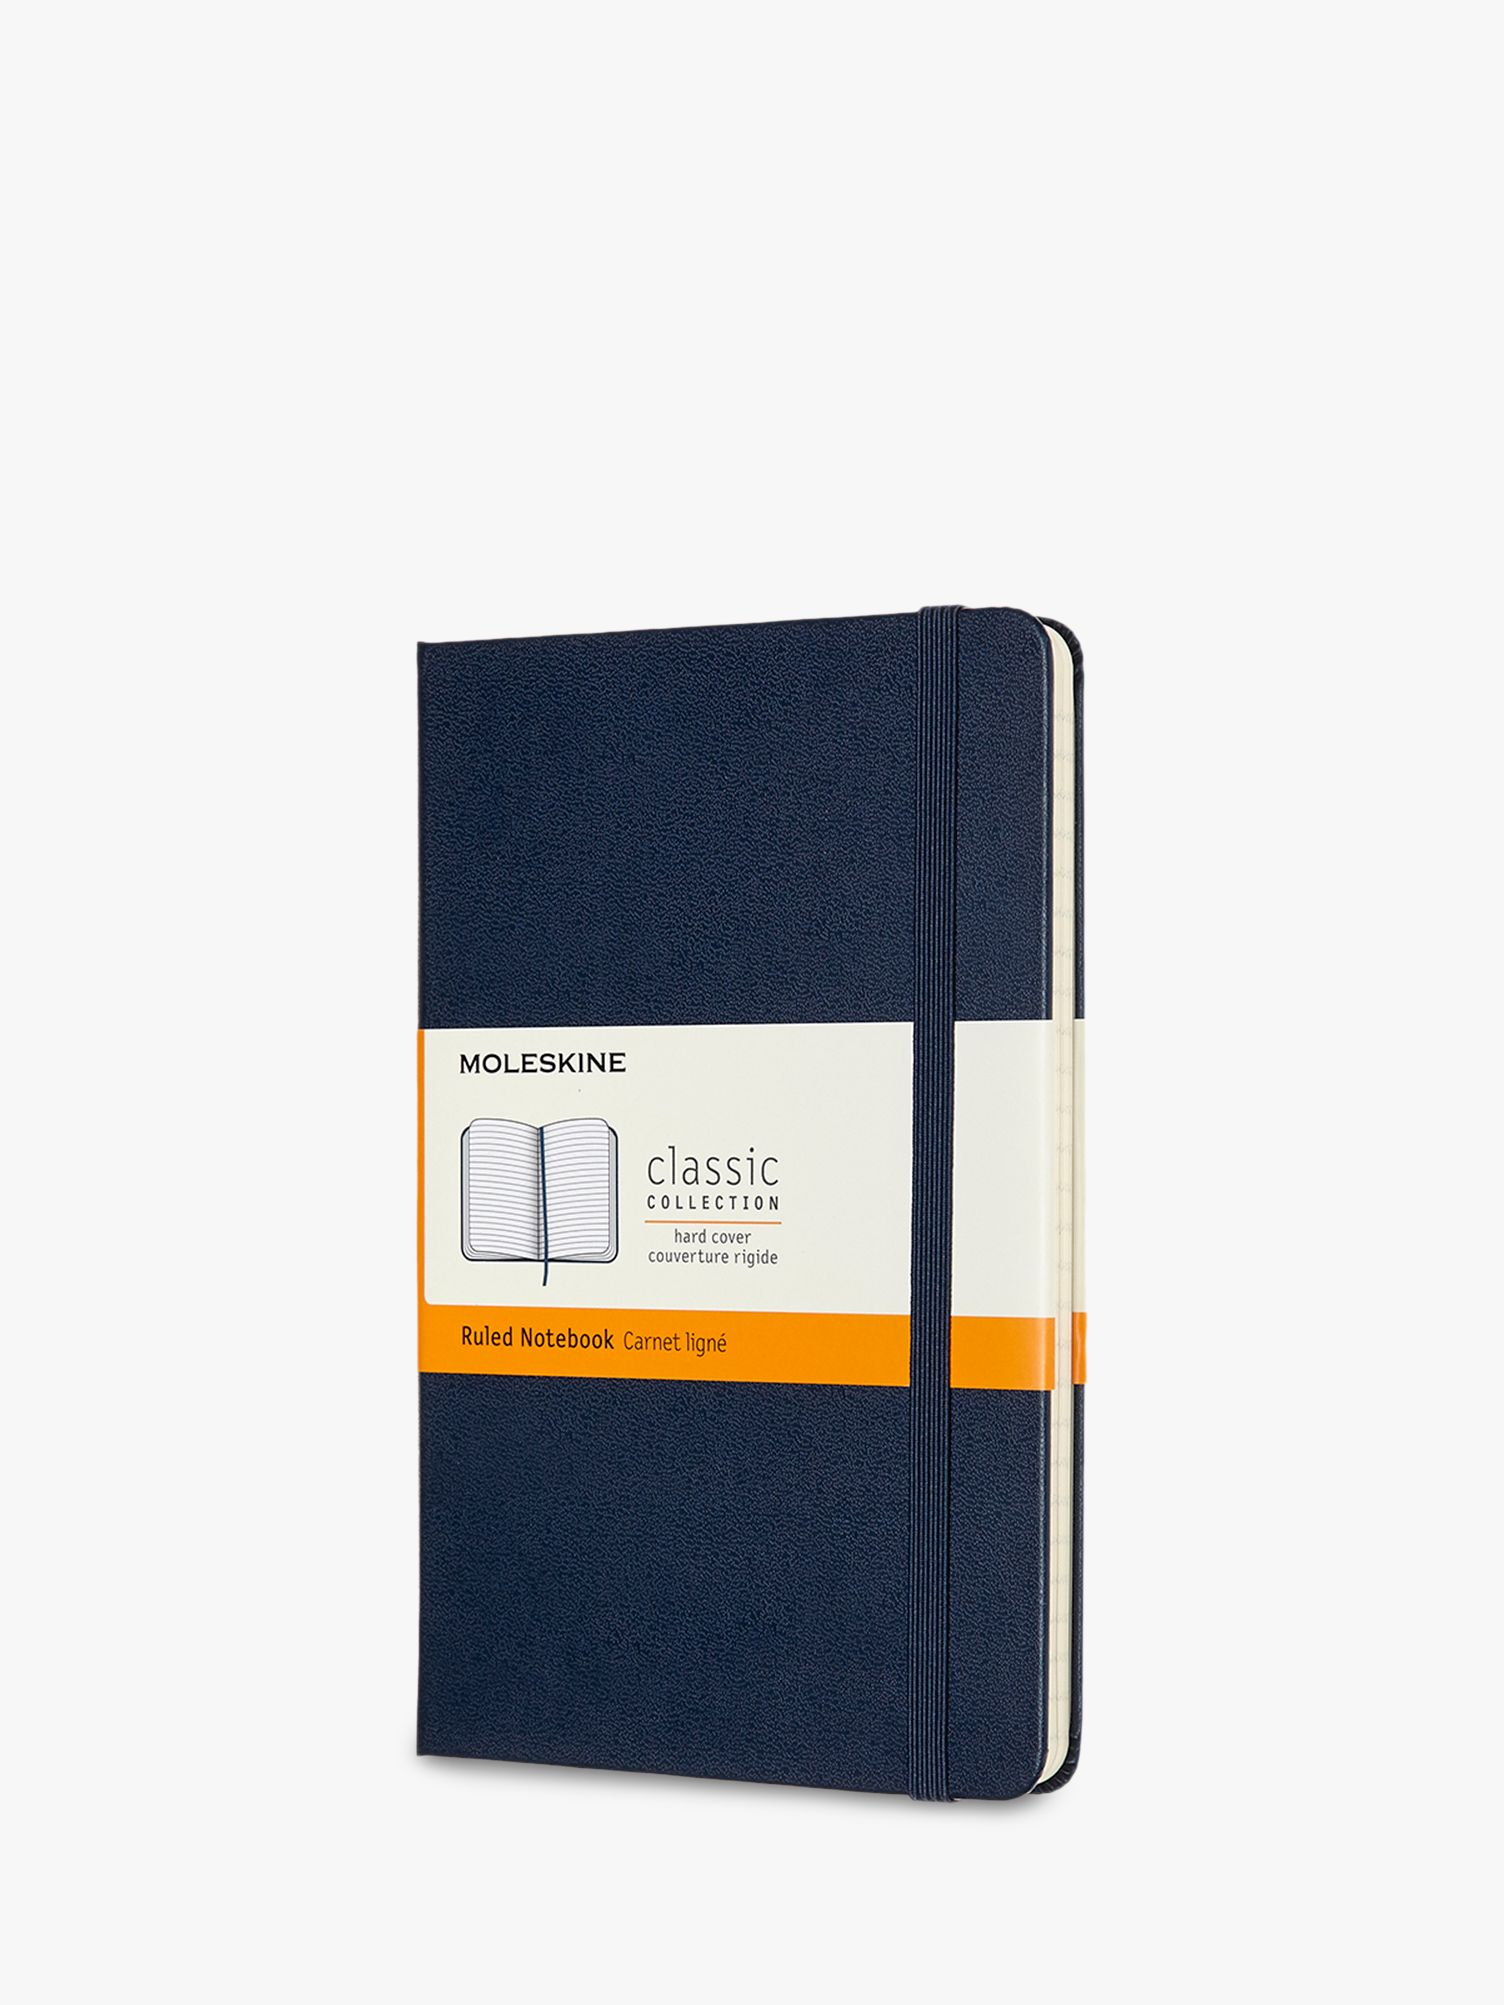 Moleskine Moleskine Medium Hardcover Ruled Notebook